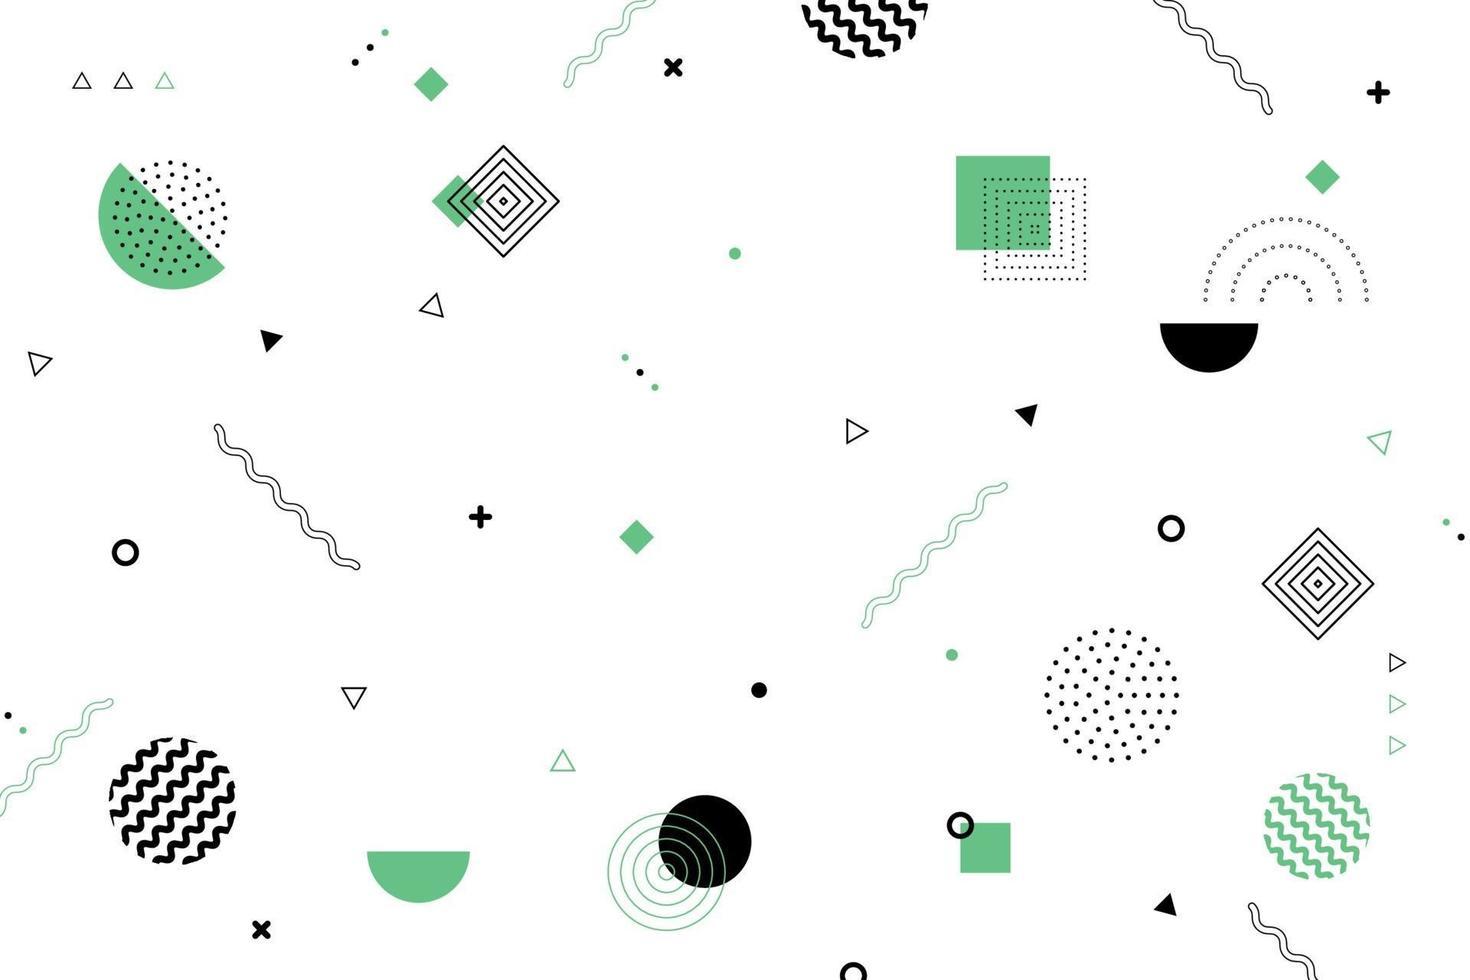 abstraktes minimales geometrisches Musterdesign des schwarzen und grünen dekorativen Designhintergrunds. Illustrationsvektor vektor